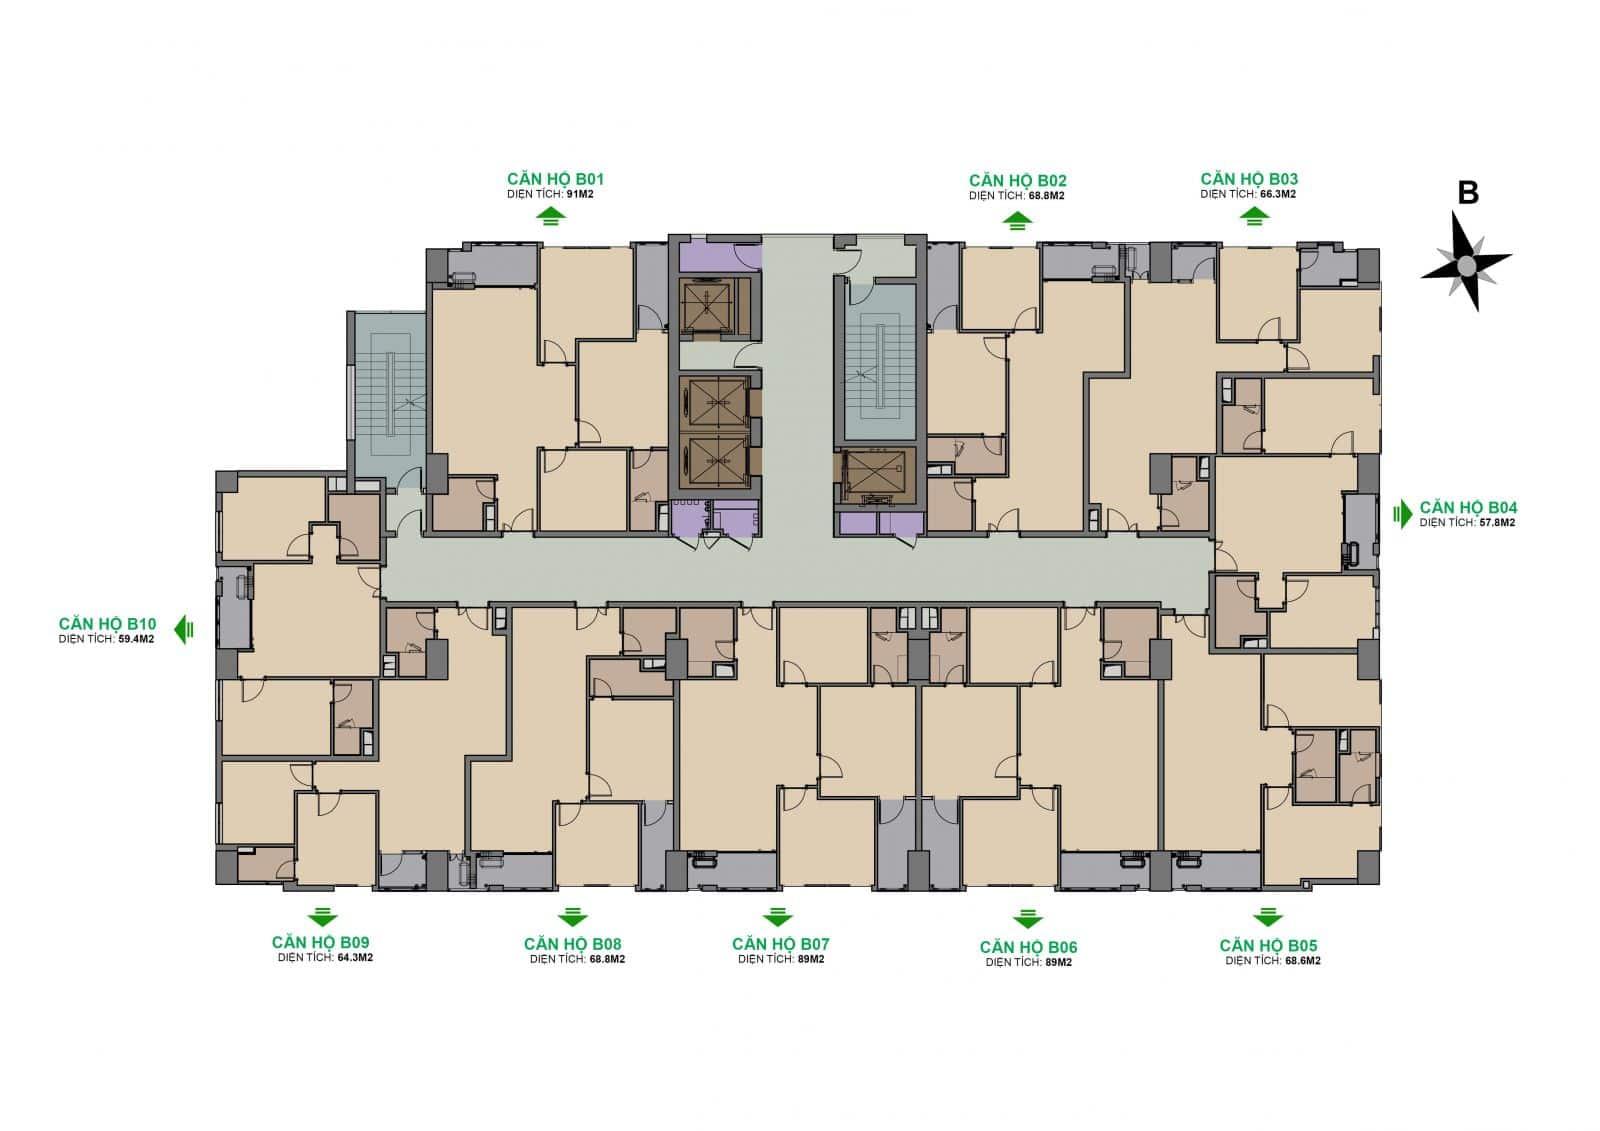 Dự án The Garden Hill 99 Trần Bình mặt bằng tòa B tầng 7-29